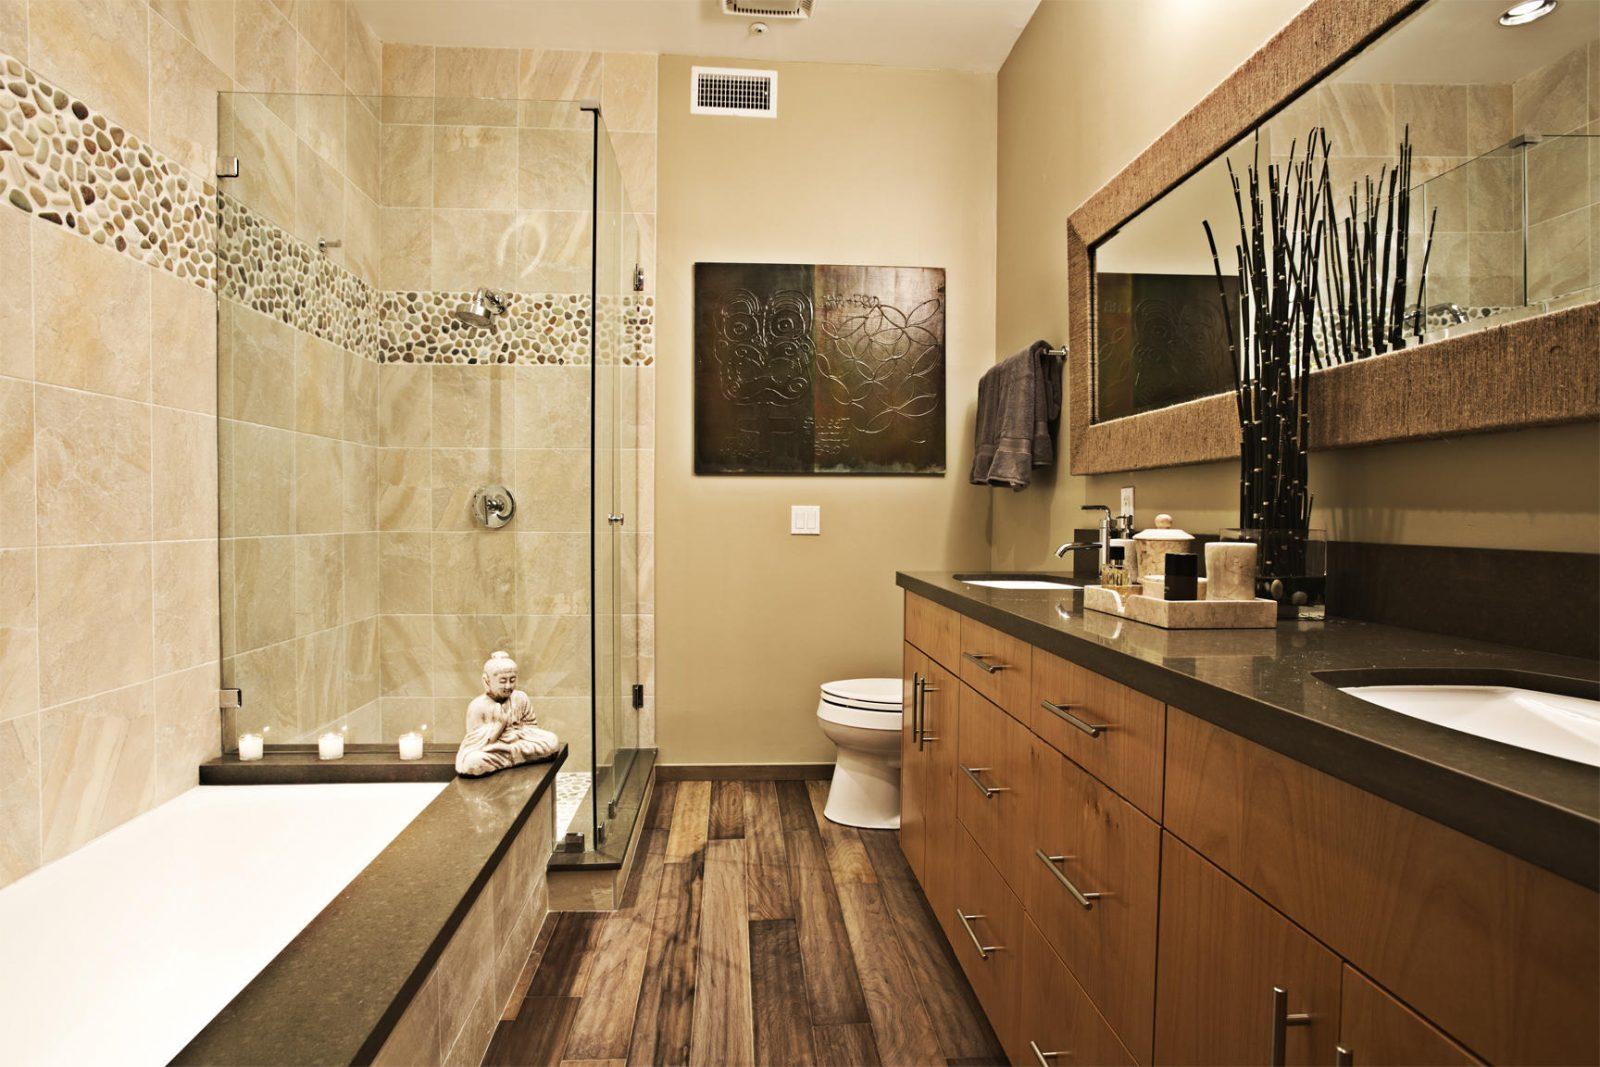 Galería de imágenes: Cuartos de baño rústicos